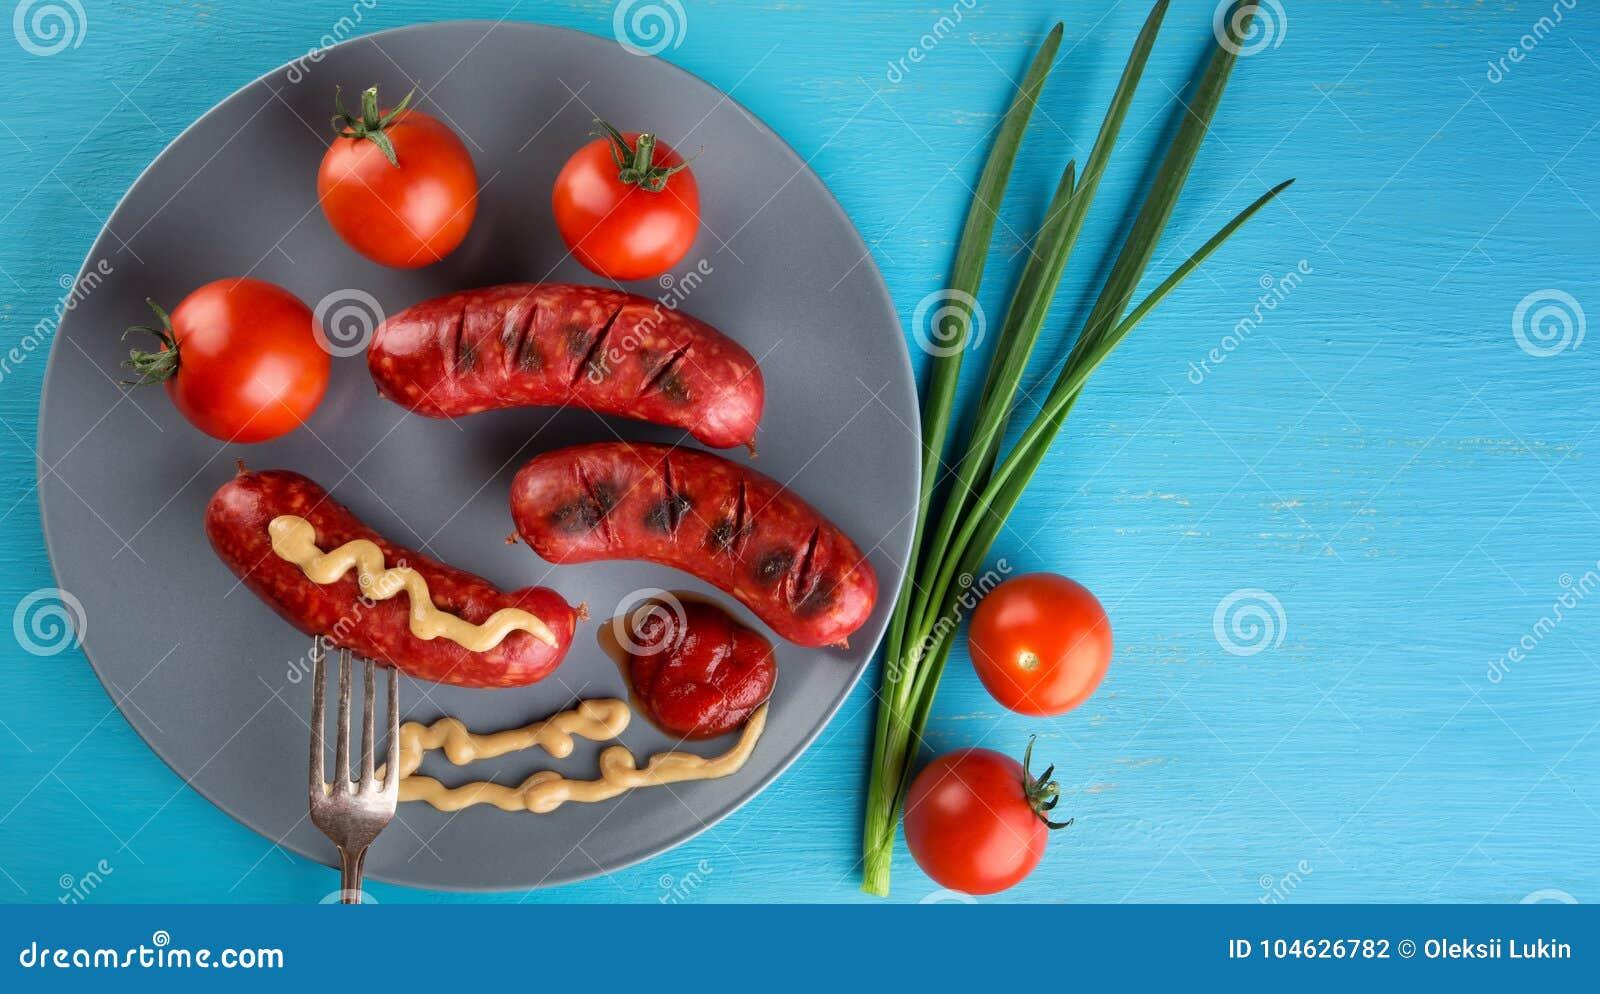 Download Voedingsdieworsten Op Vork Met Rode Tomaten Op Plaat Worden Vastgebonden Stock Foto - Afbeelding bestaande uit kleurrijk, voedzaam: 104626782